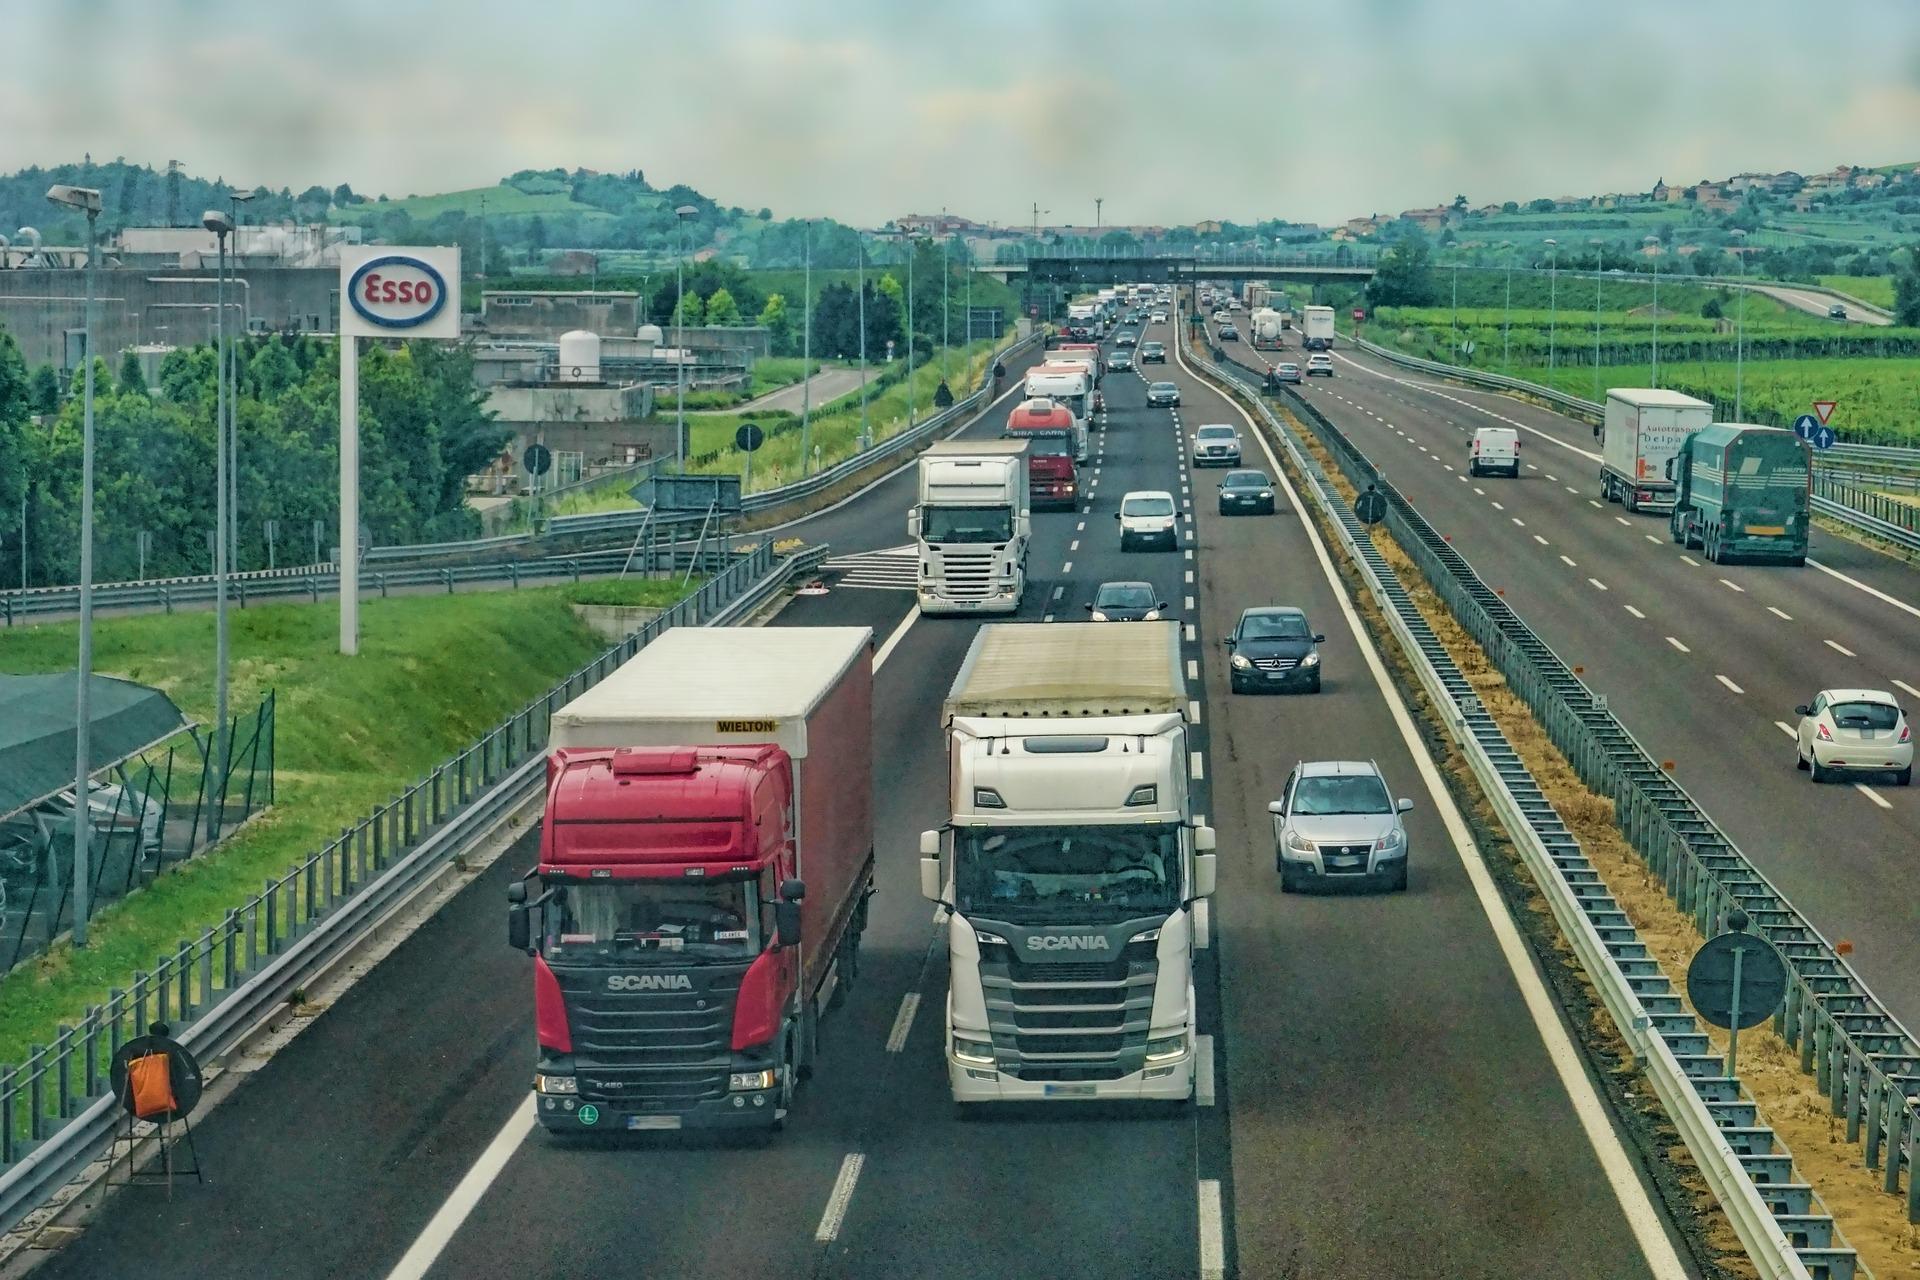 Find et bredt udvalg af trailere til forskellige formål hos Trailergaarden Gantrup